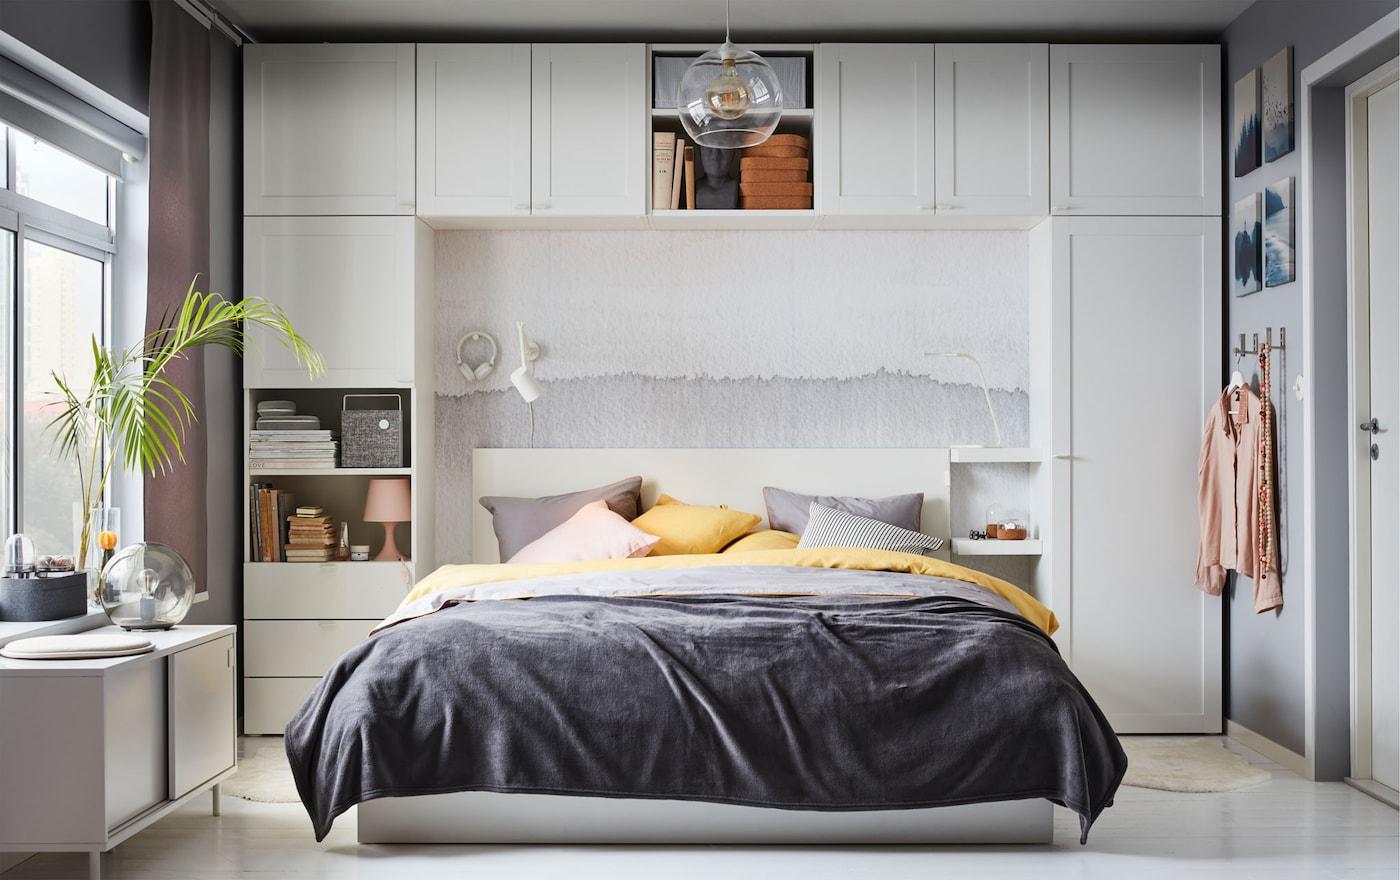 Build up your bedroom storage - IKEA